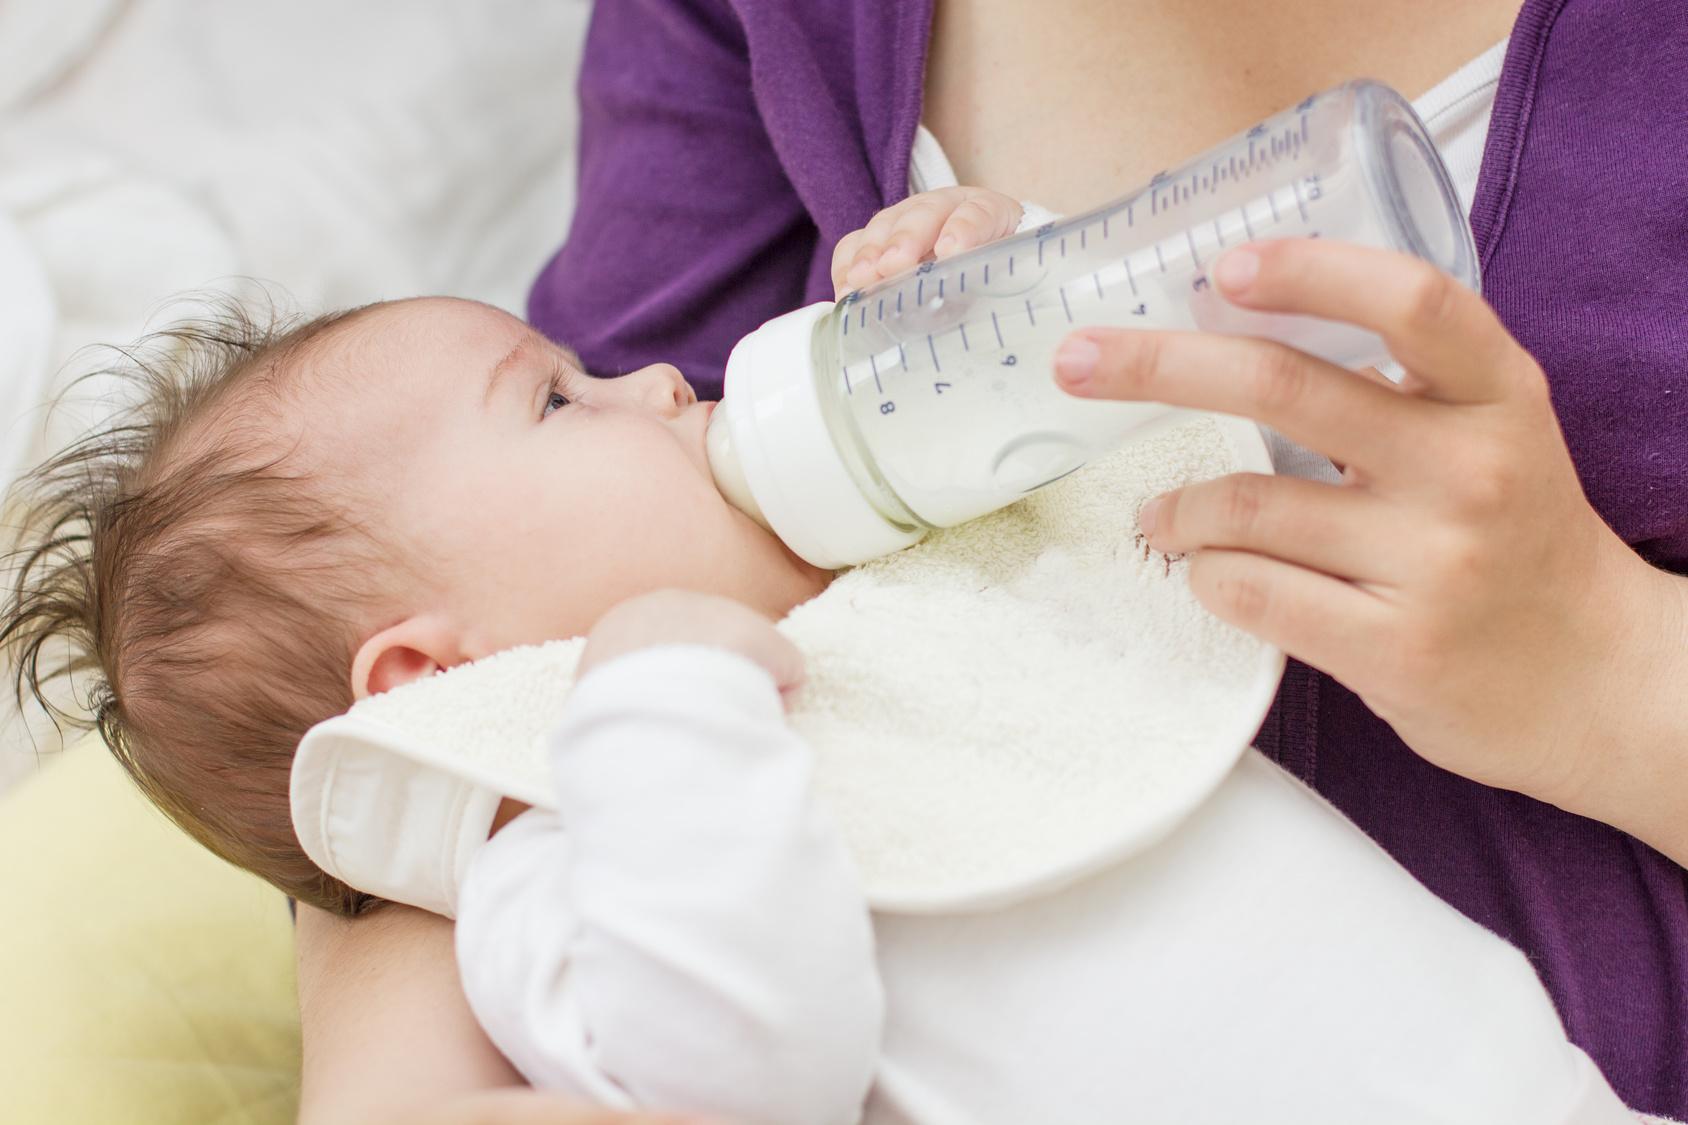 Auch wenn es mittlerweile gute Ersatzprodukte gibt, zählt immer noch:Auch wenn es adäquaten Ersatz gibt, gilt nach wie vor: Muttermilch ist die Beste. (#01)